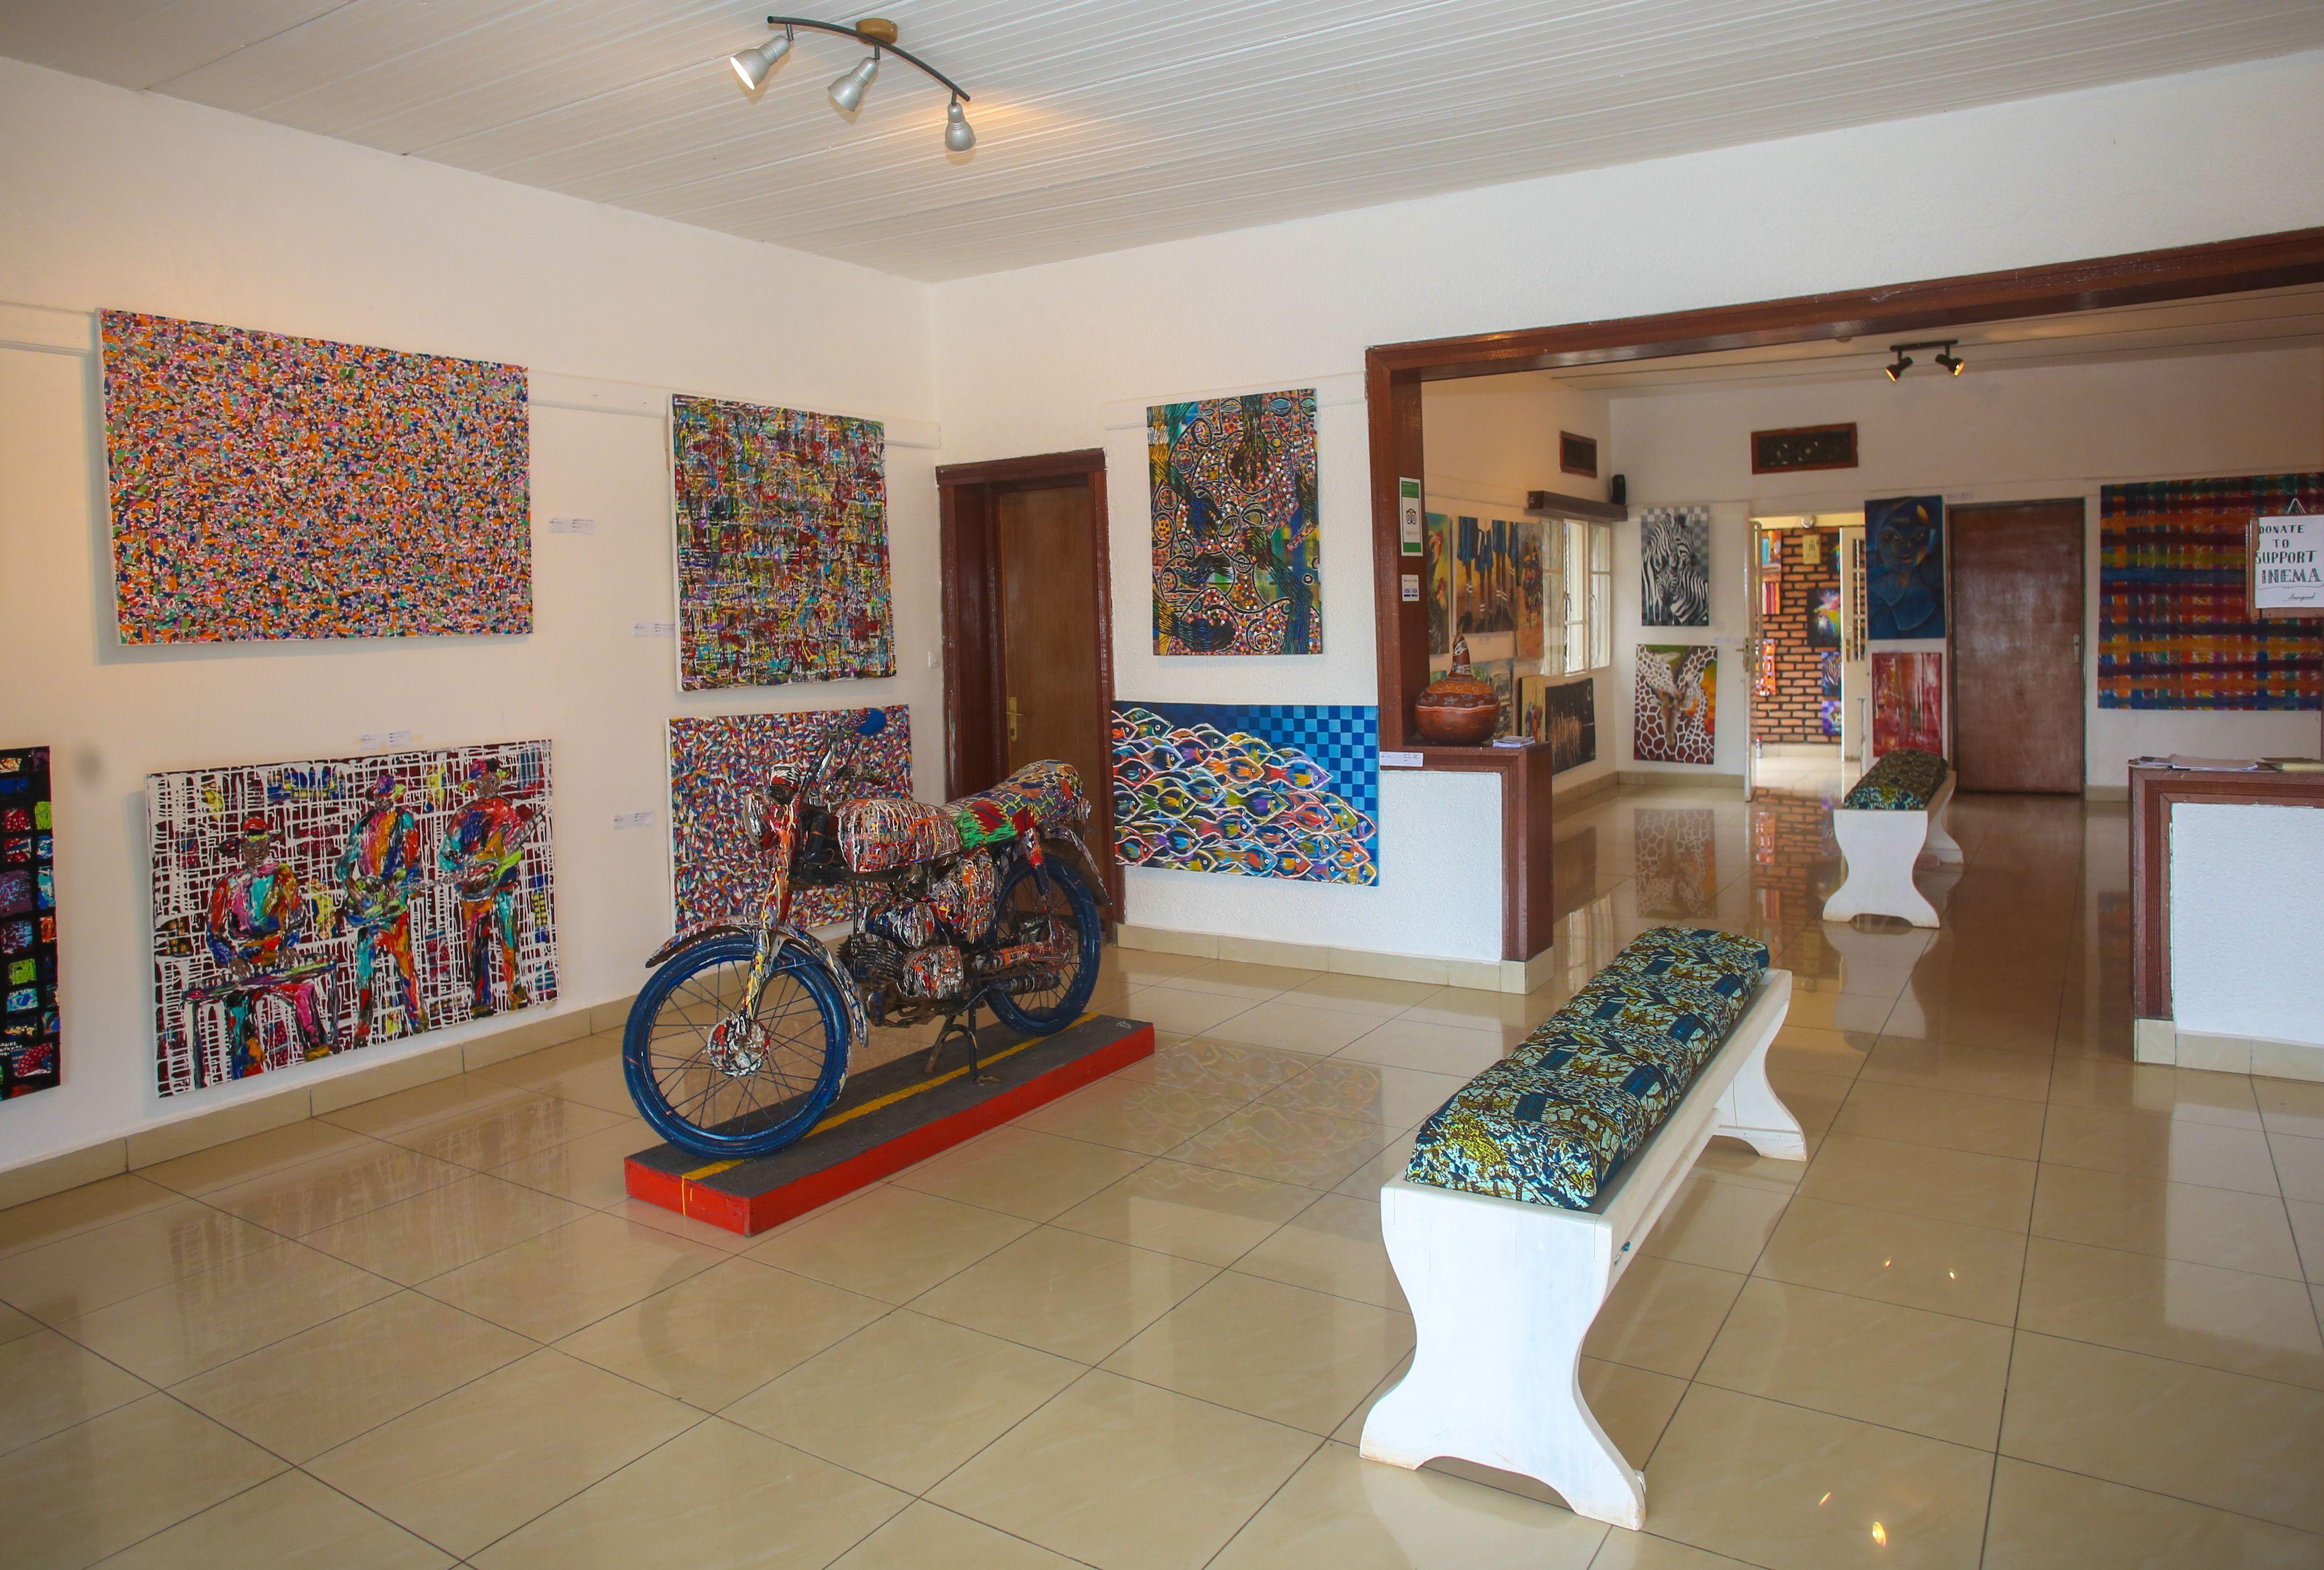 Inema Art Center